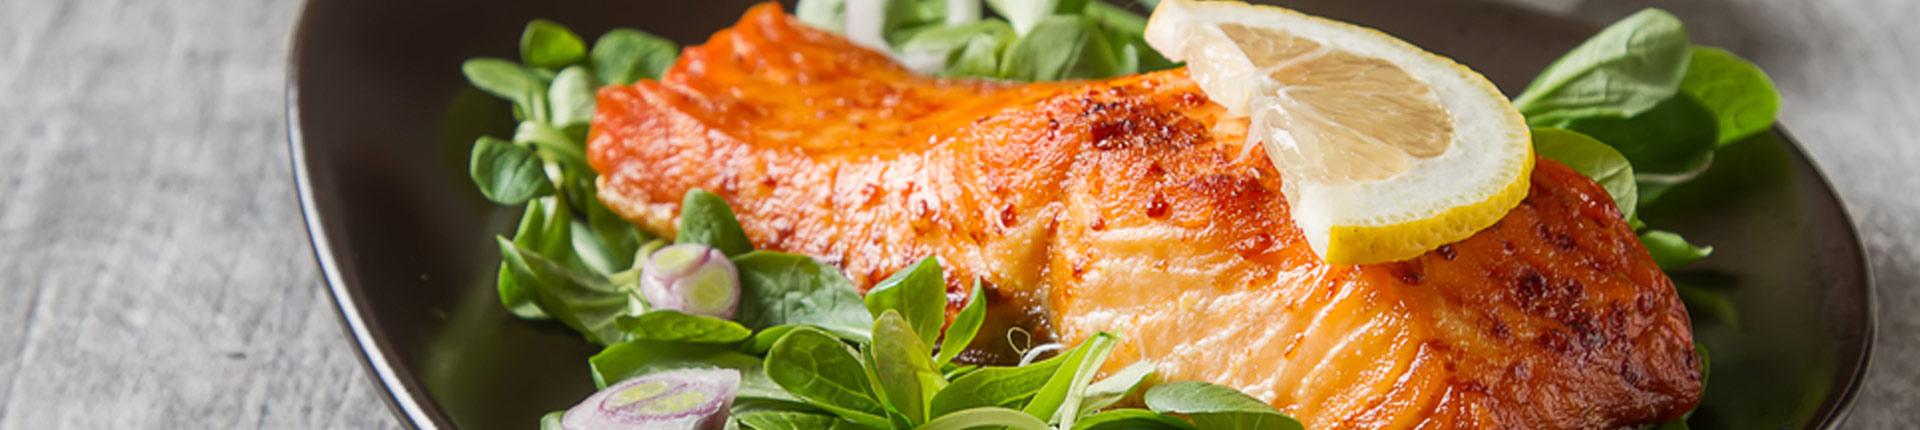 Czy warto jeść tłuste ryby? Wpływ tłustych ryb na zdrowie